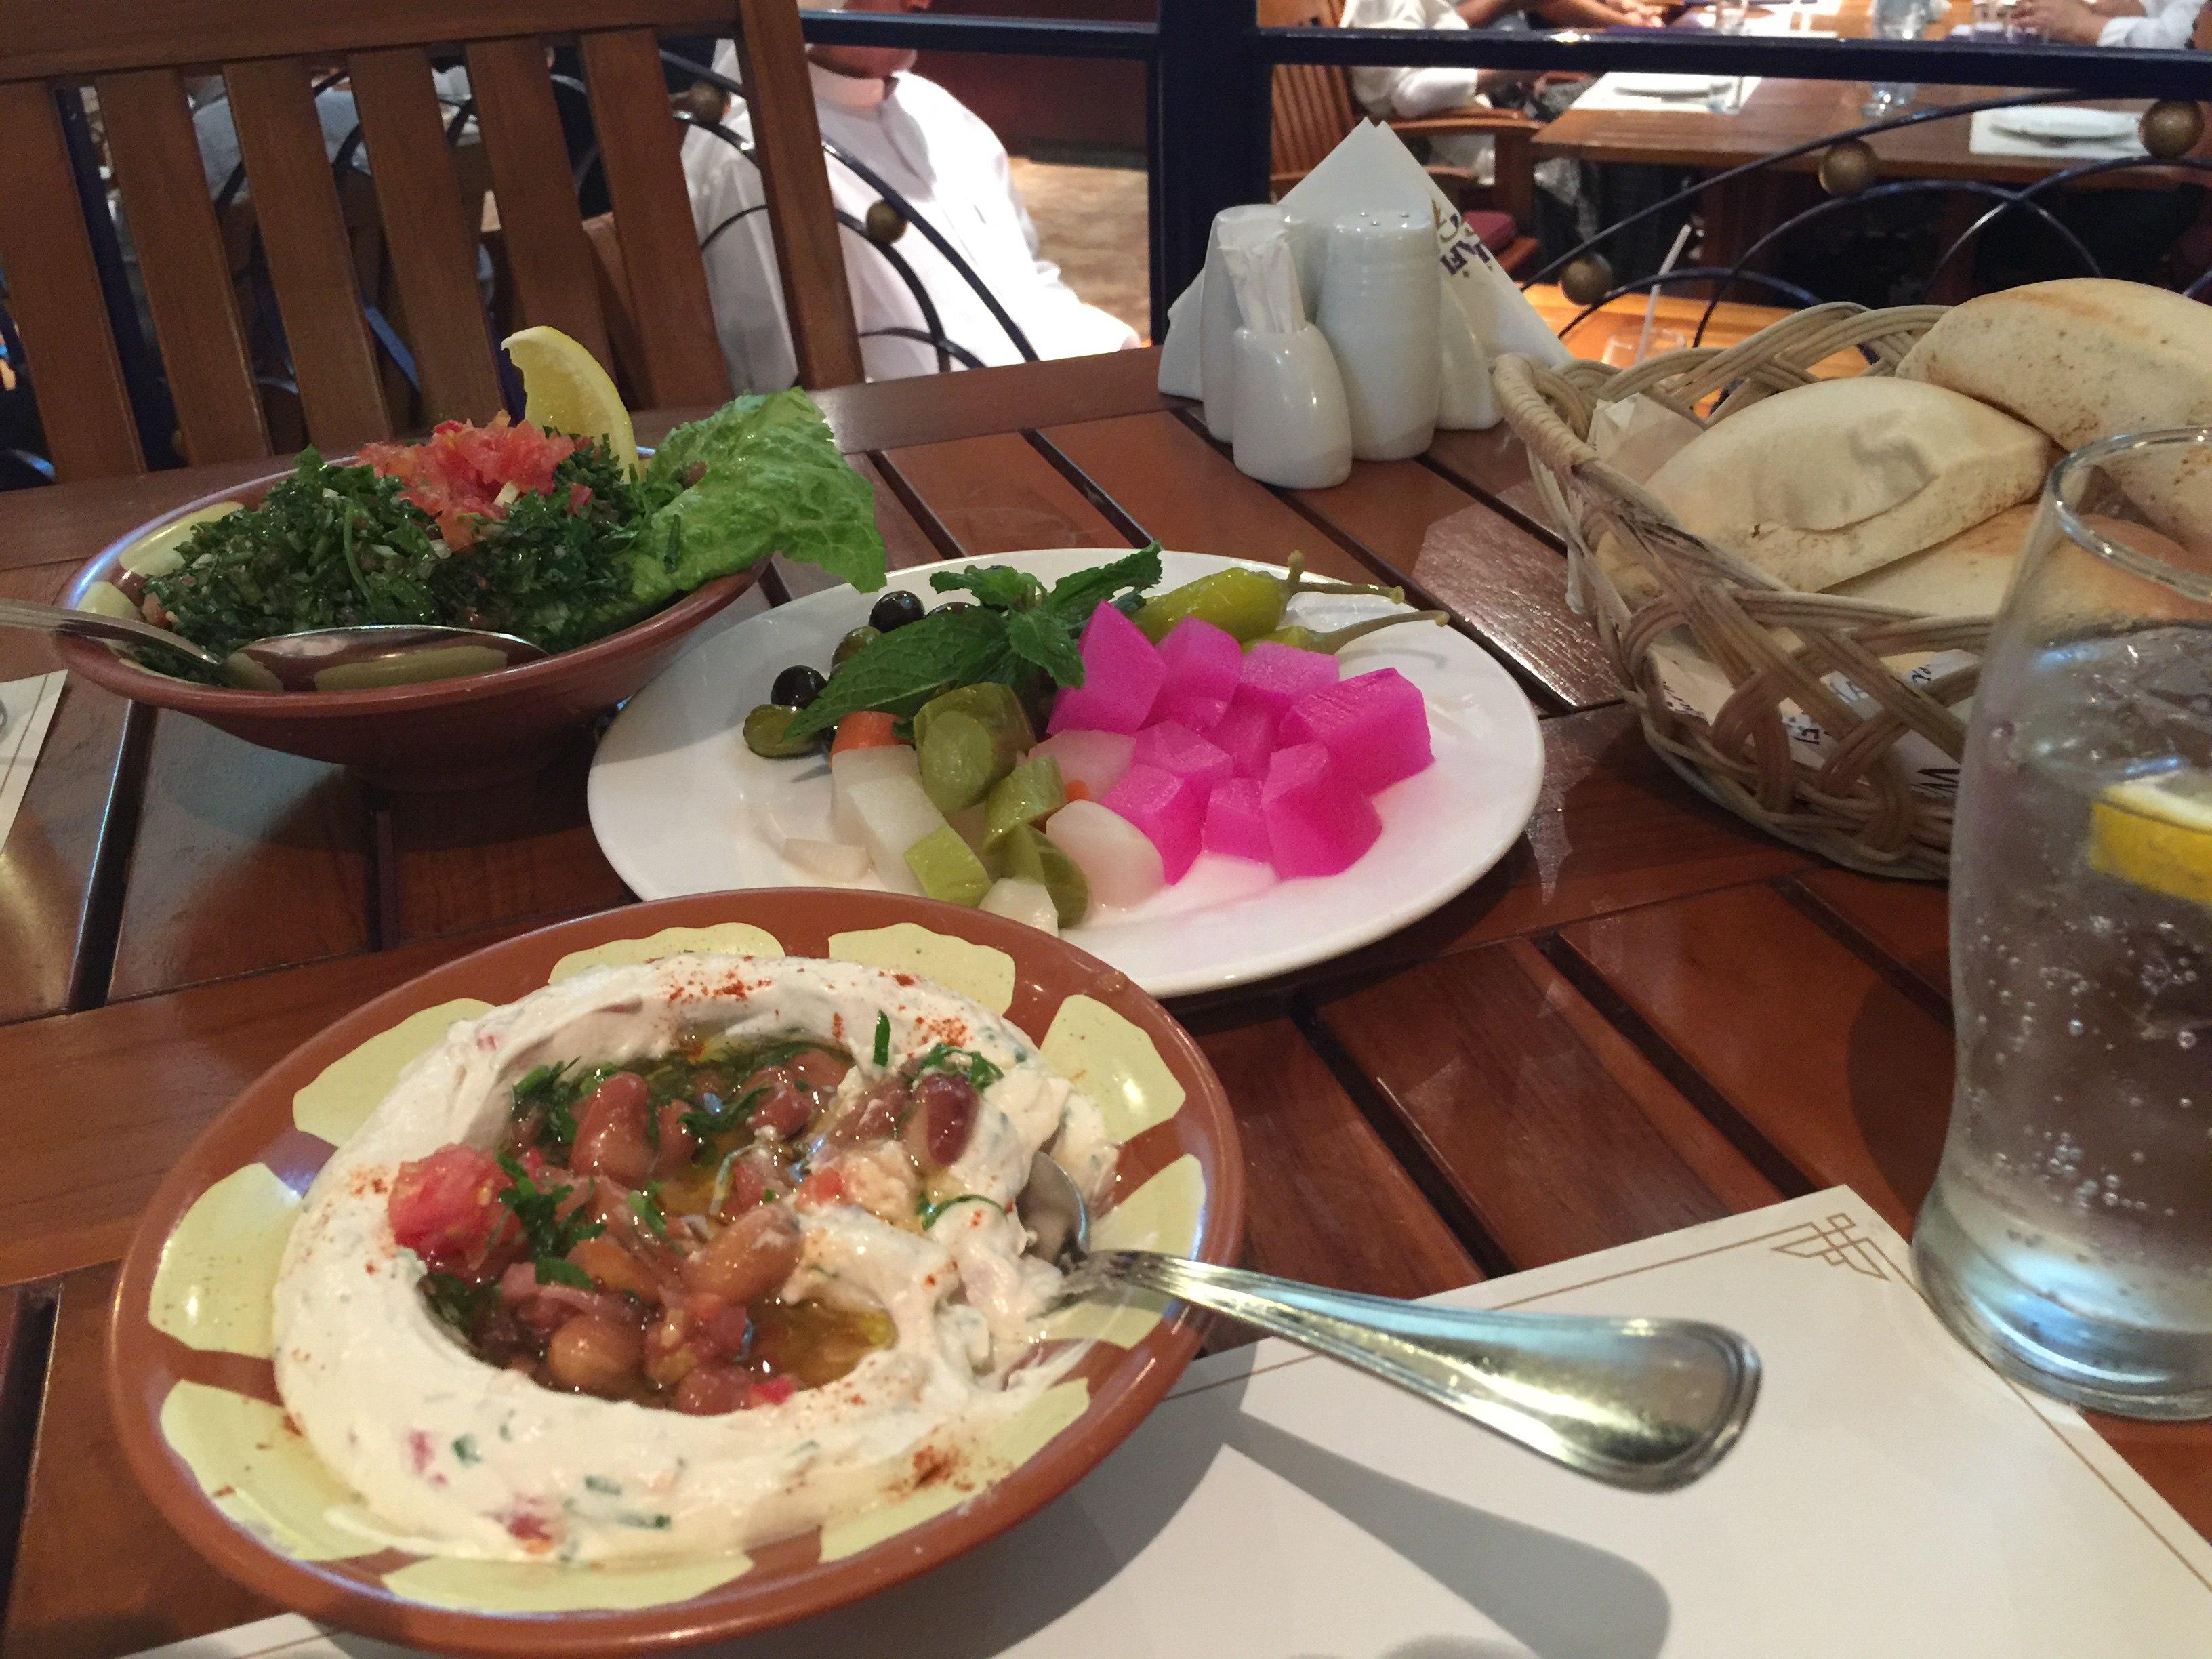 Food at Al Qudra